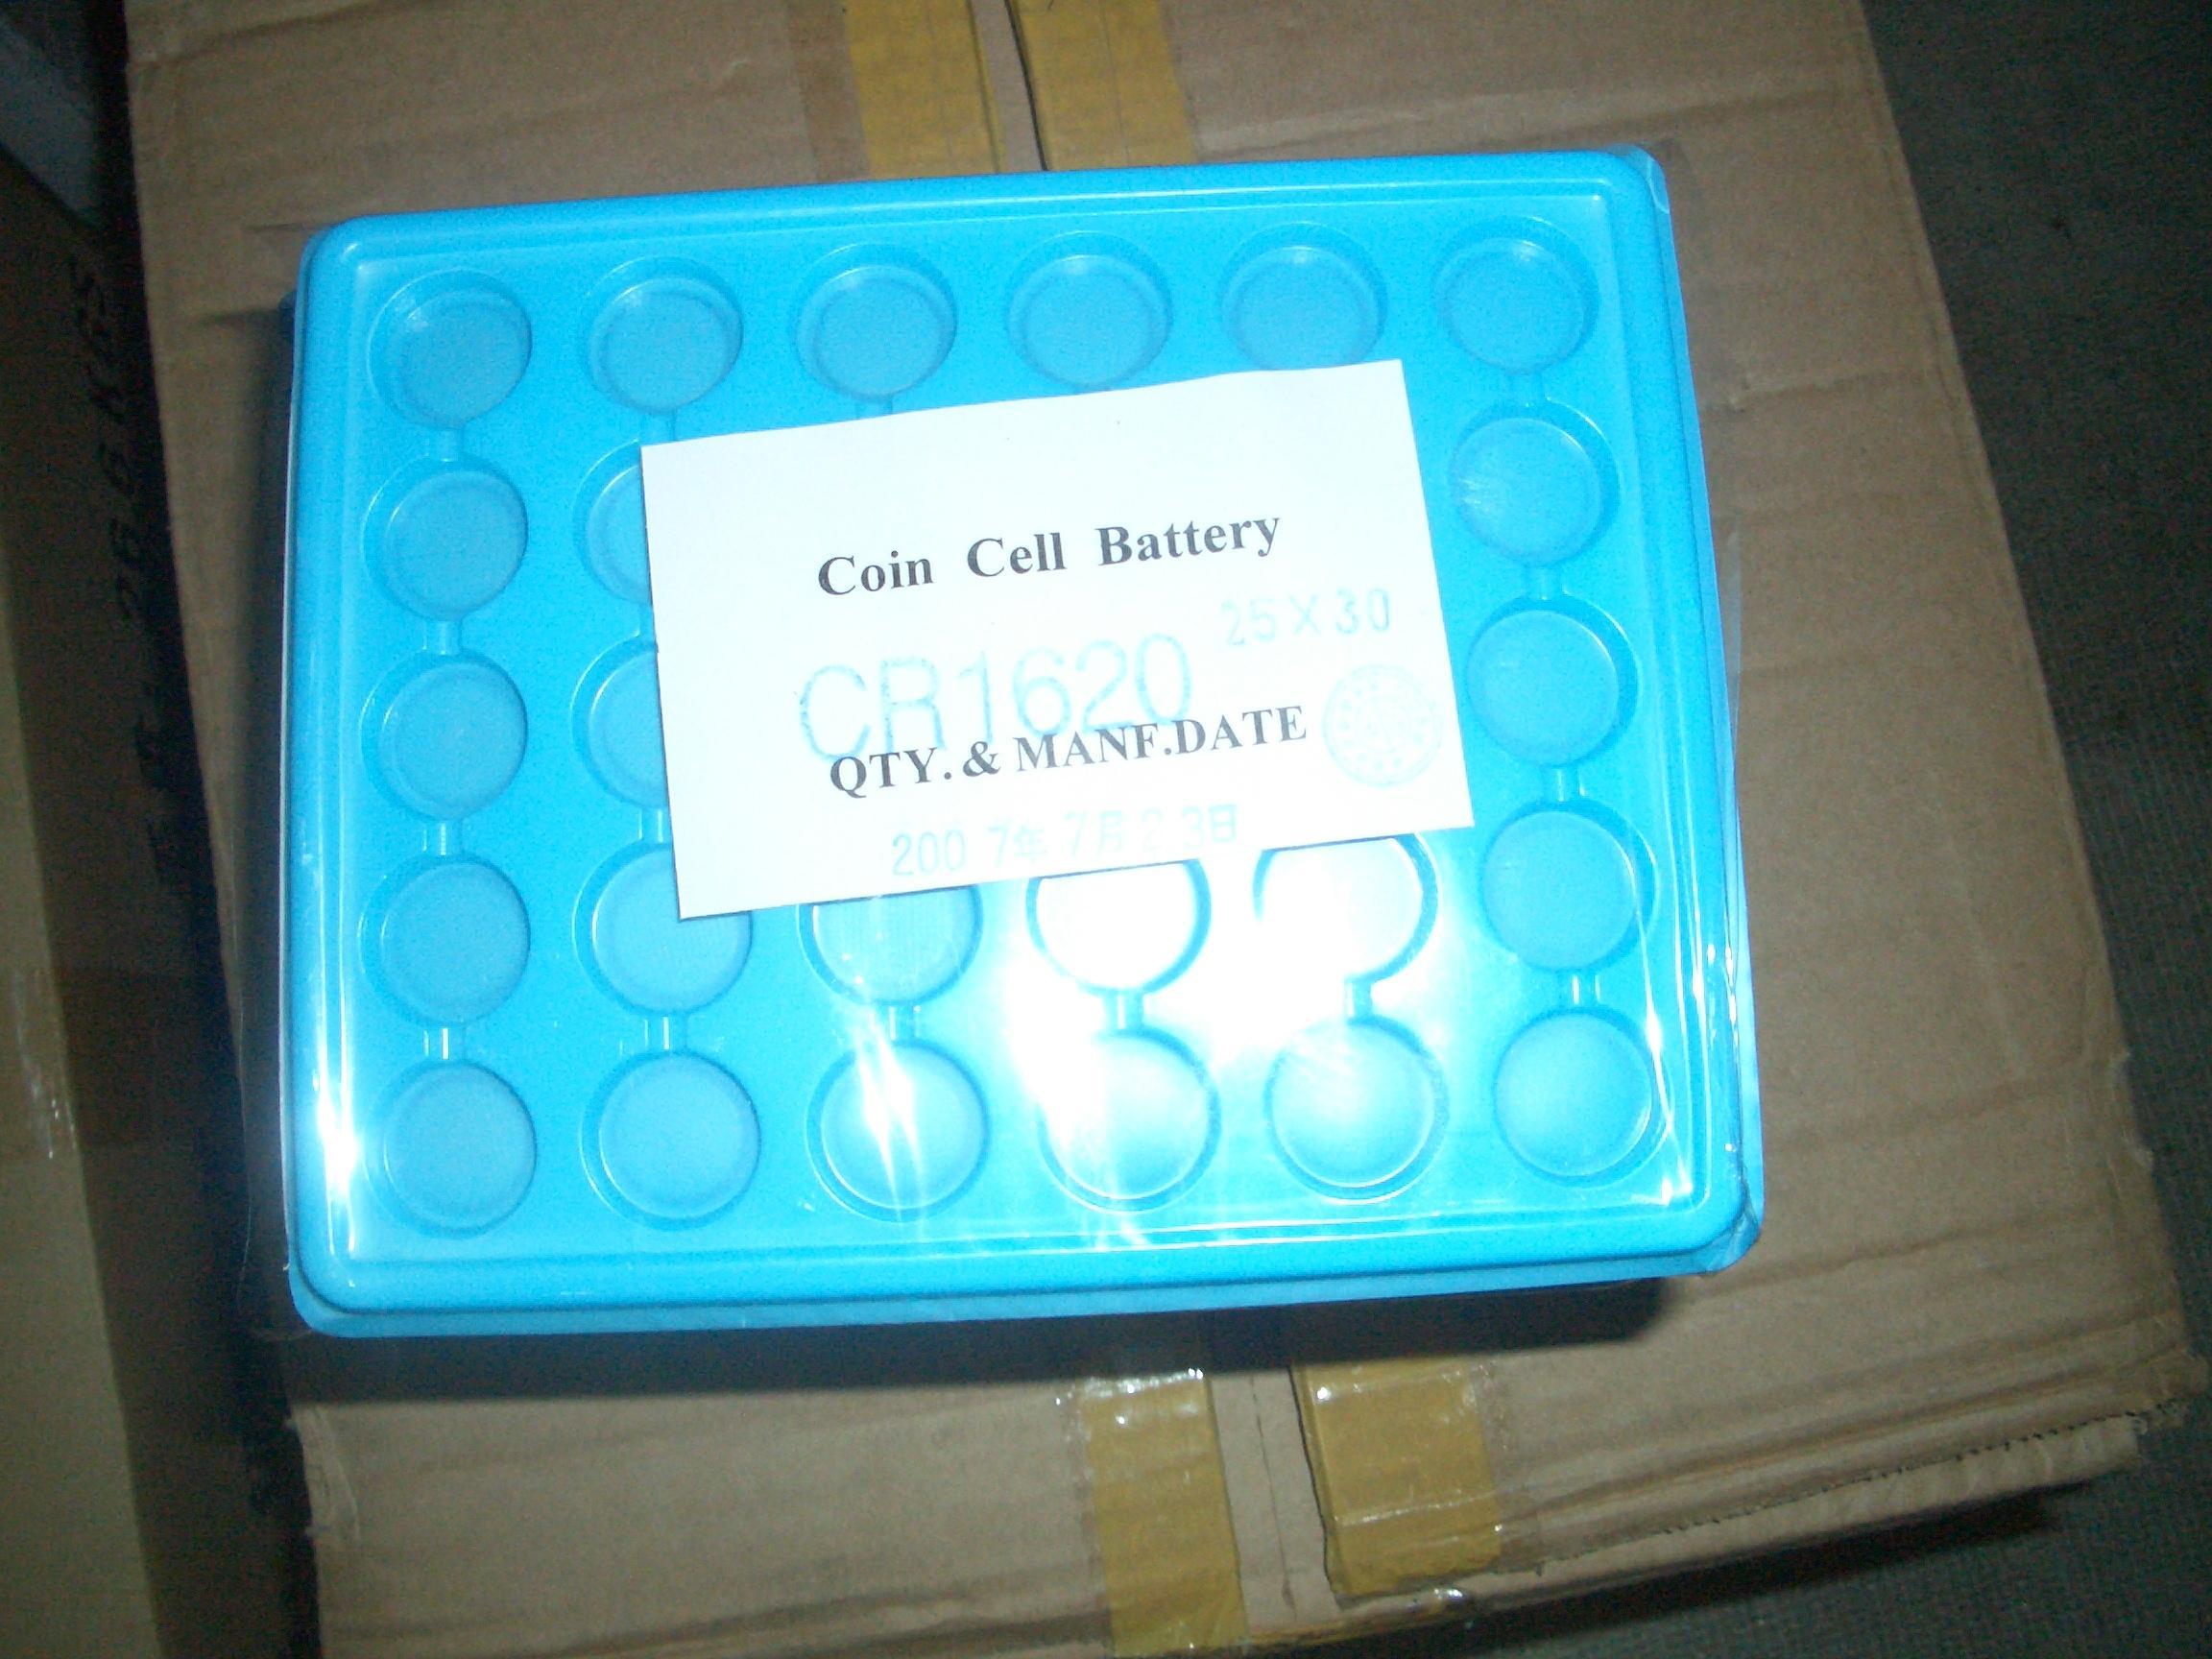 Le cellule della moneta di bottone della batteria CR1620 ECR1620 della batteria a bottone del bottone del litio di 5000pcs 3v per le vigilanze accendono i giocattoli